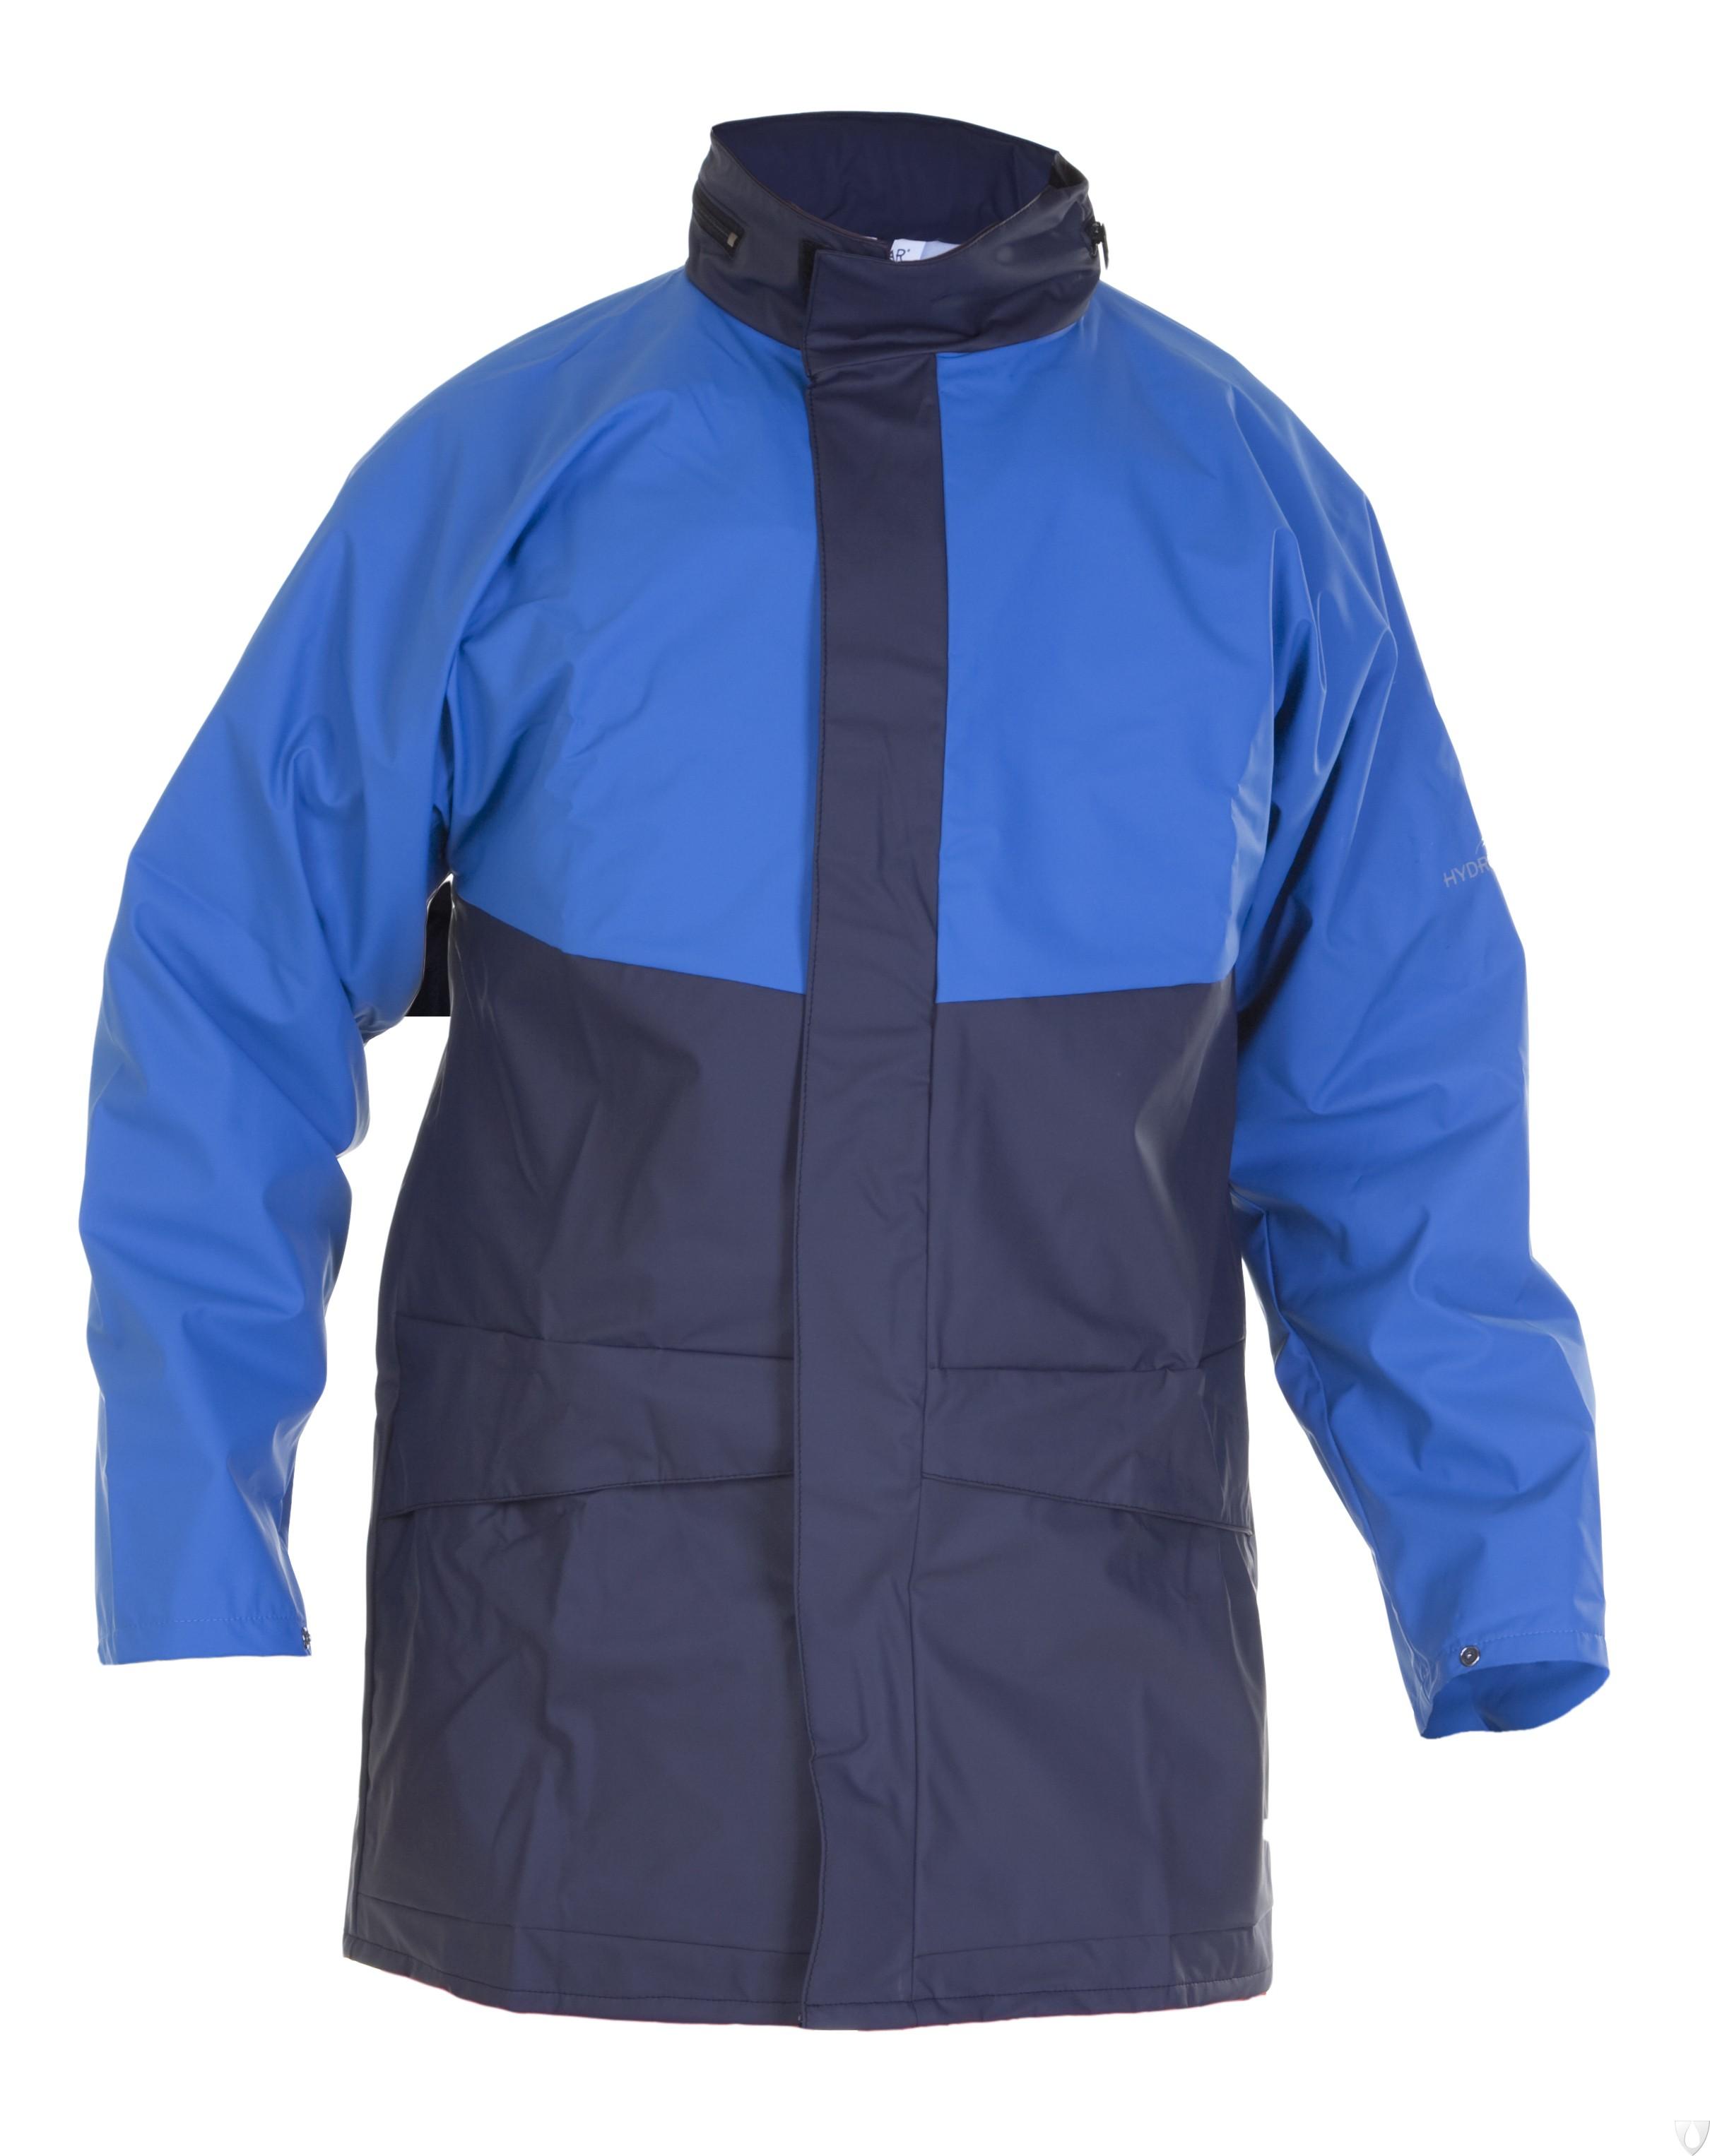 015535 Hydrowear Jacket Hydrosoft Sneek